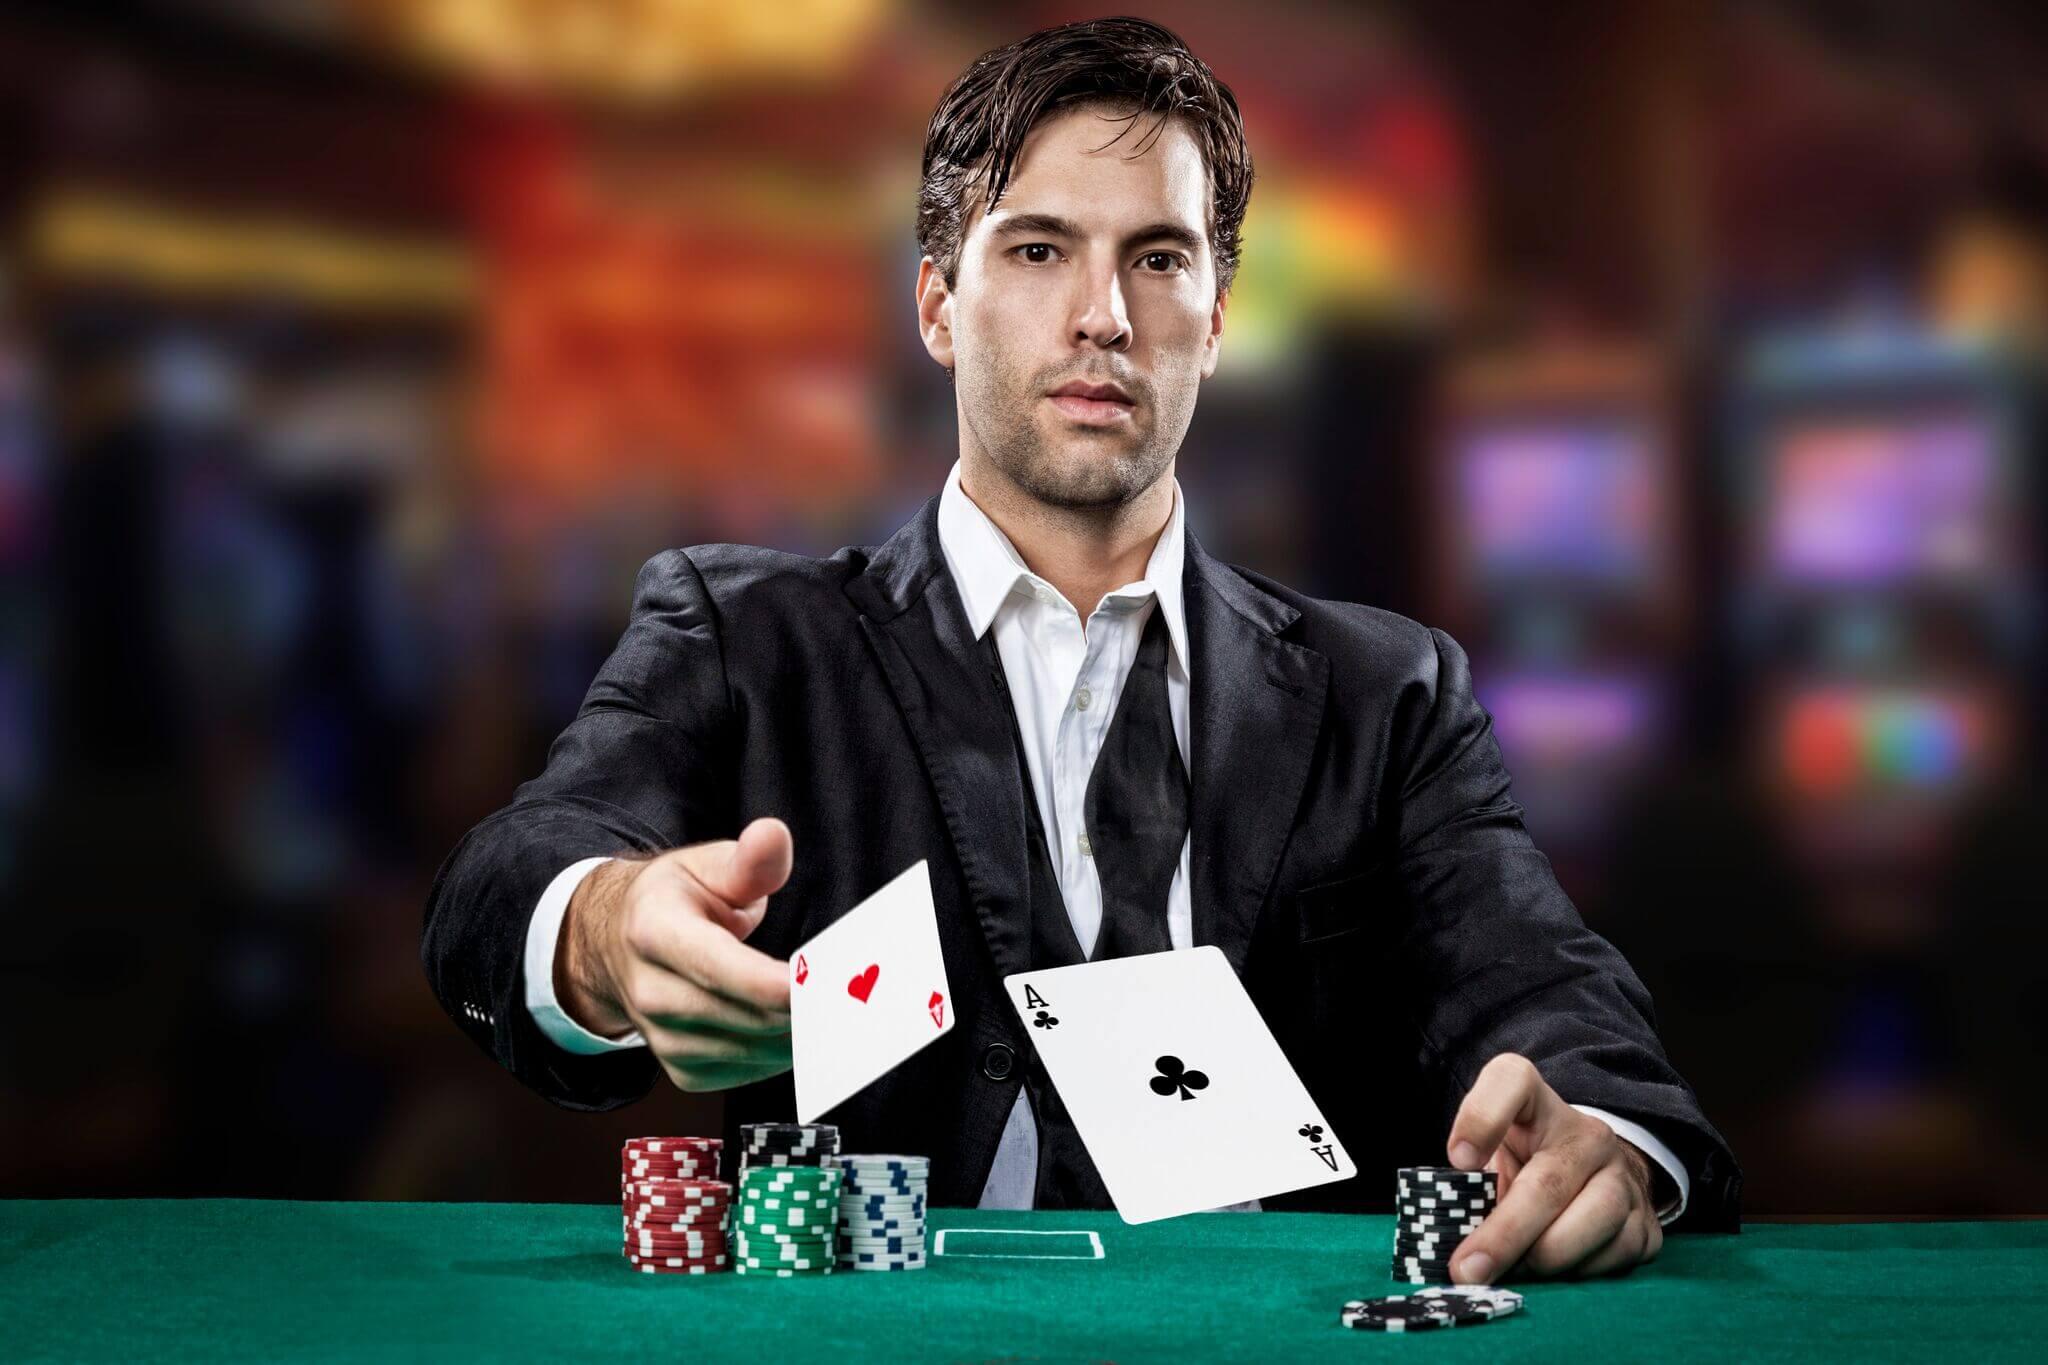 Casinoper Canlı Poker Oynarken Yüksek Kazanç Yöntemleri